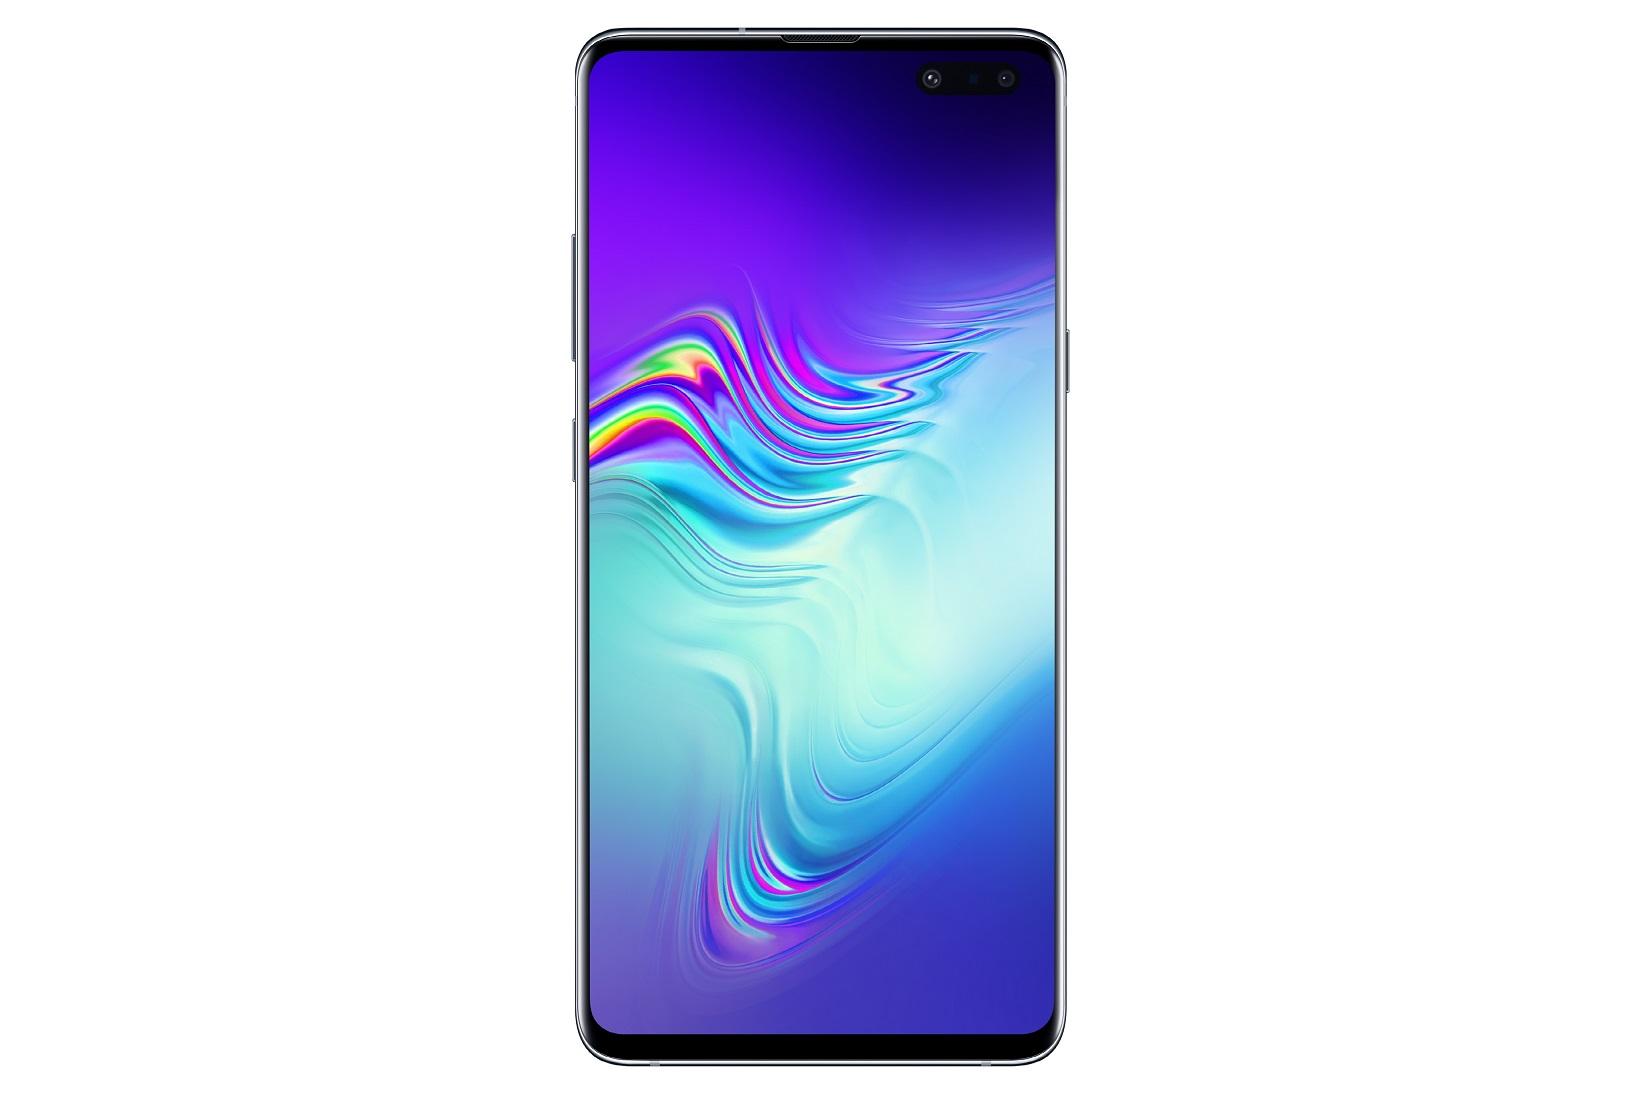 ماذا نعرف عن تصميم (Samsung Galaxy S11) الجديد؟